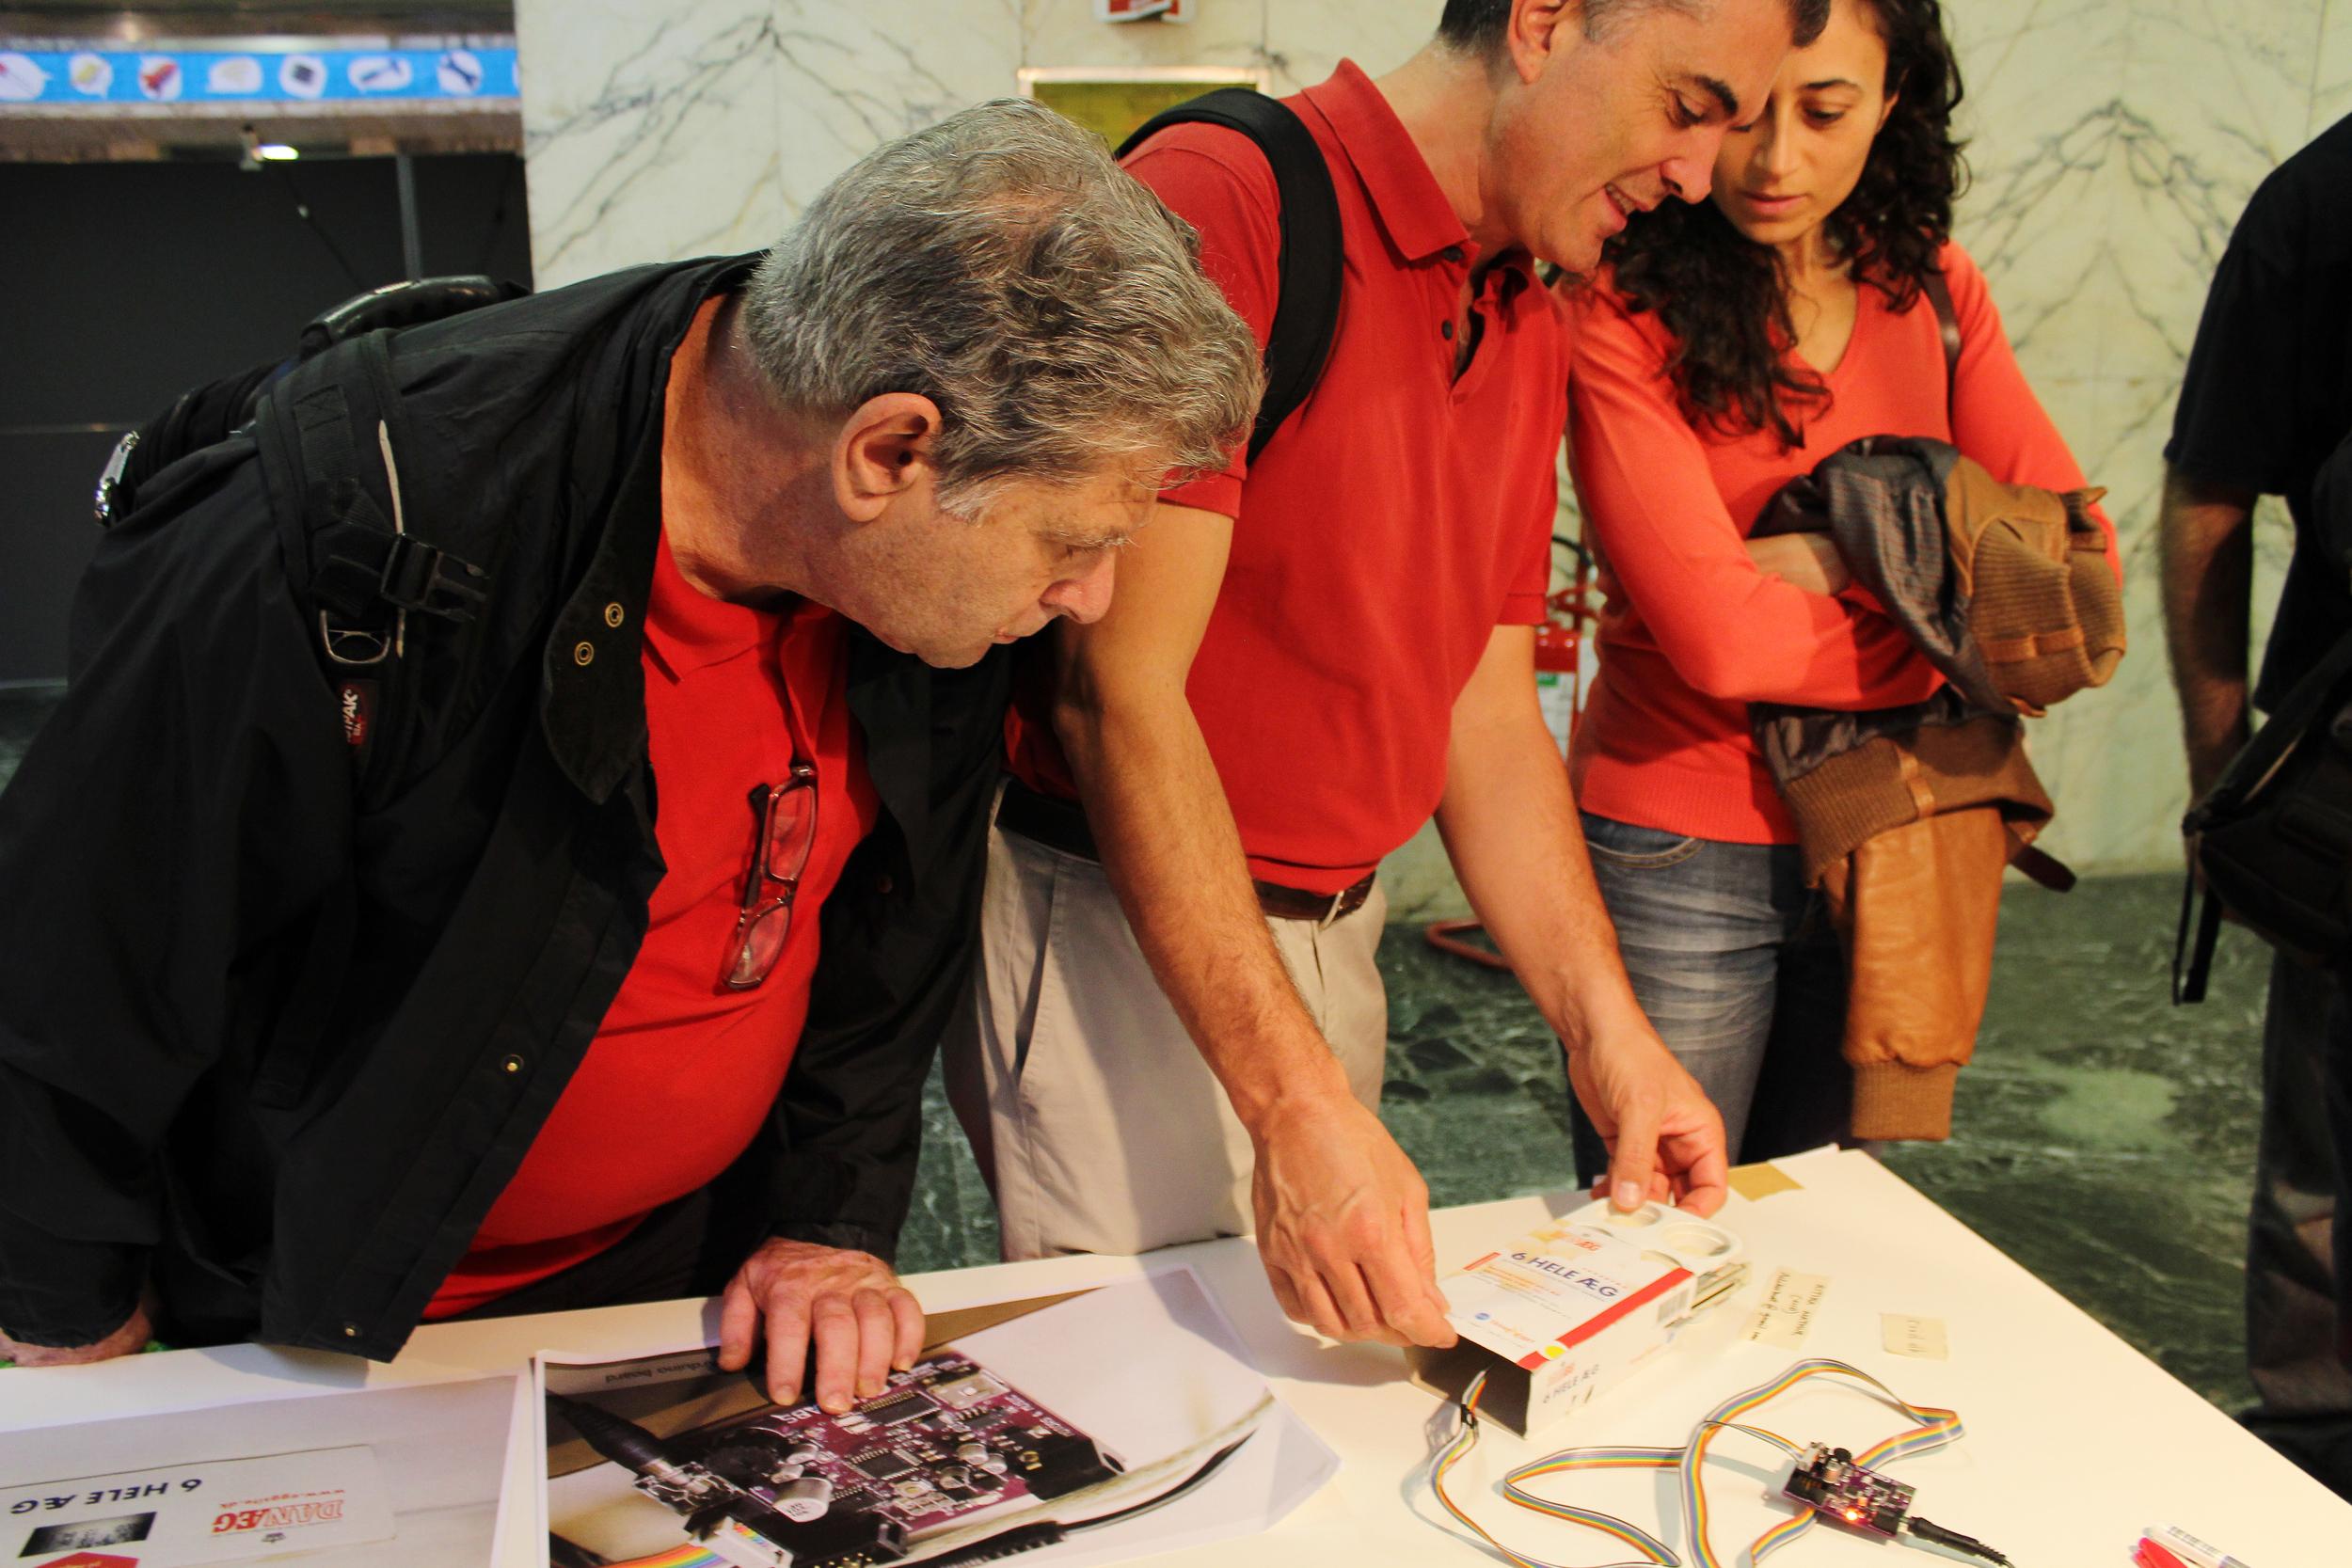 Exhibit at Maker Faire, Rome, 2013